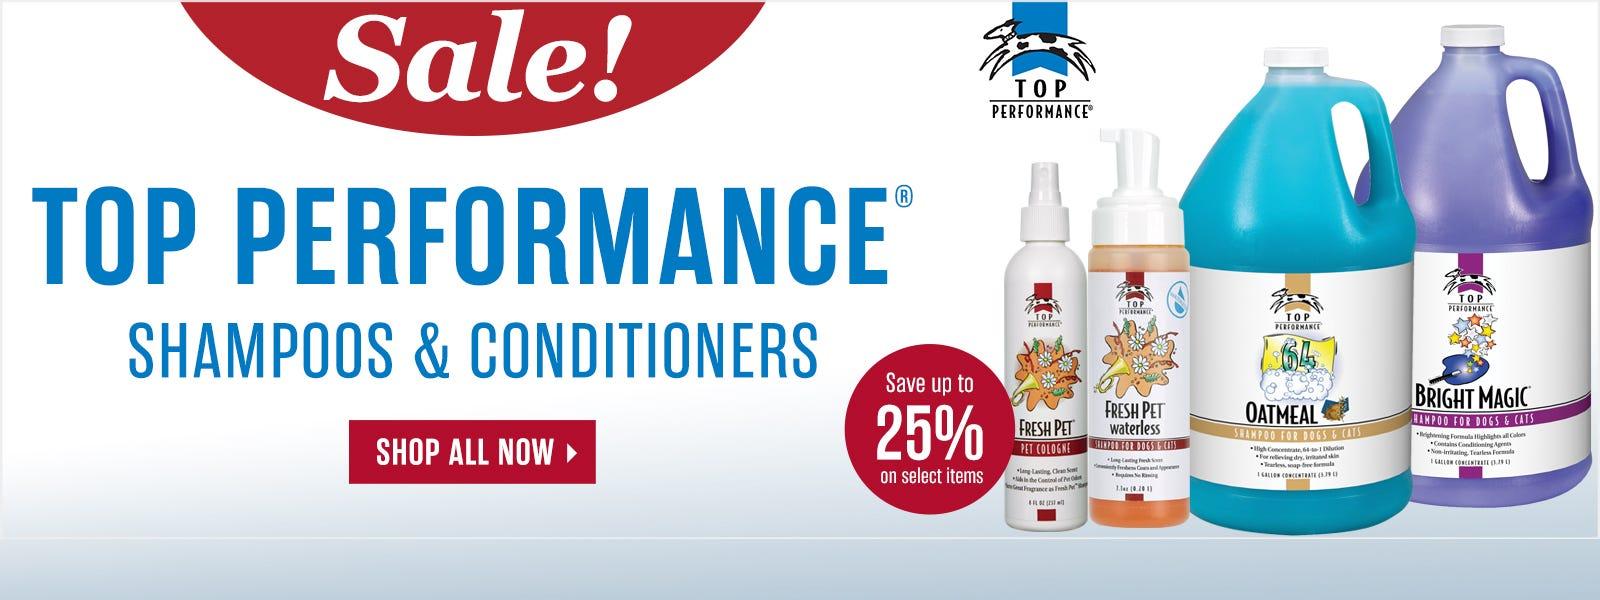 Top Performance Shampoo Sale